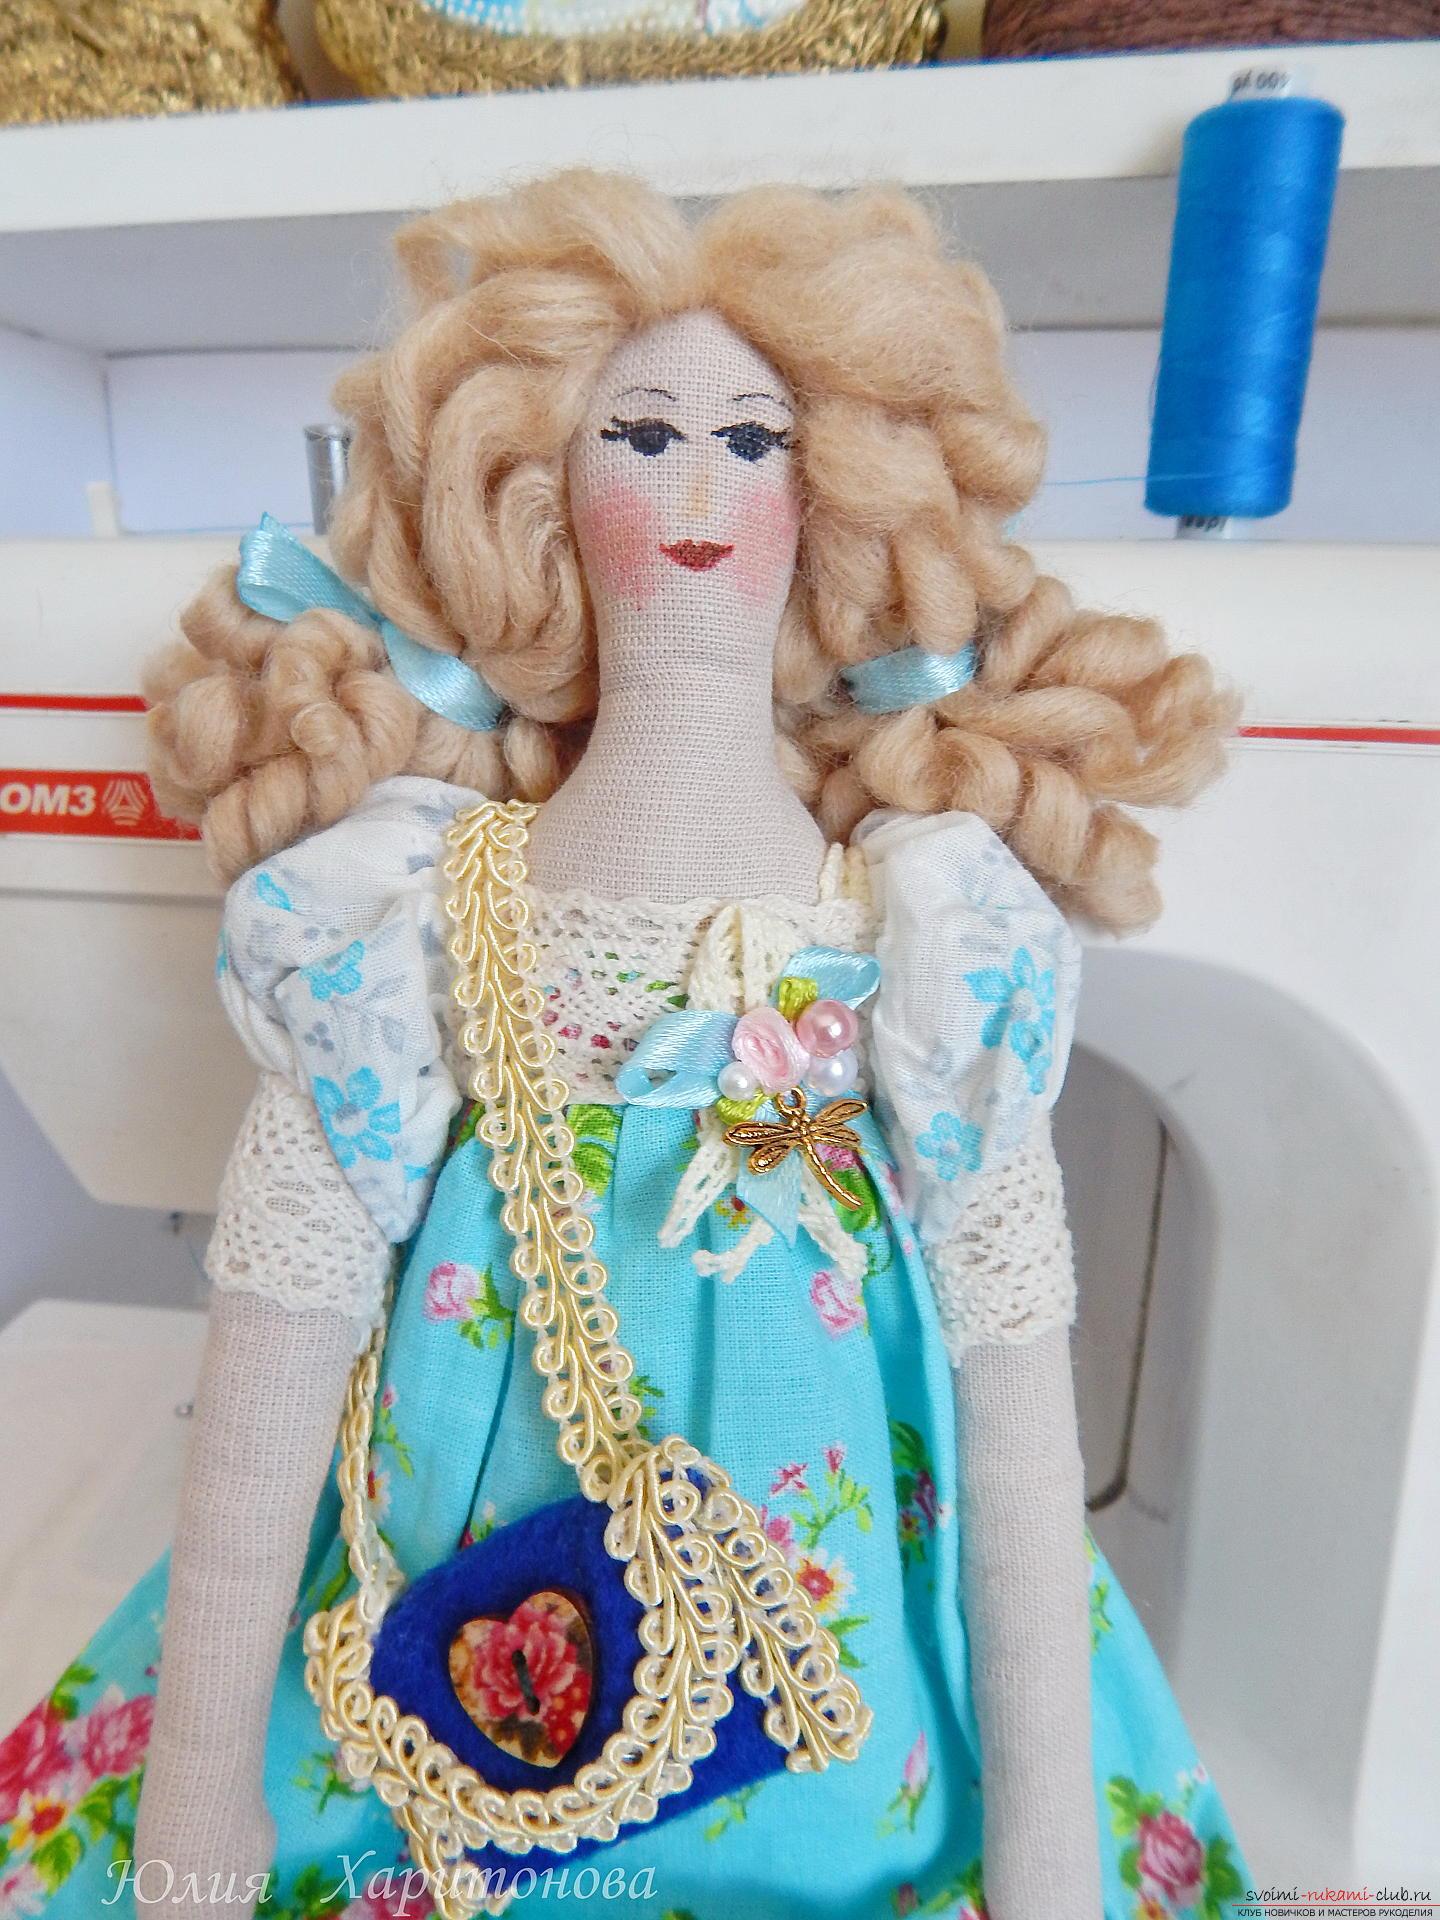 Кукла своими руками для интерьера фото фото 813